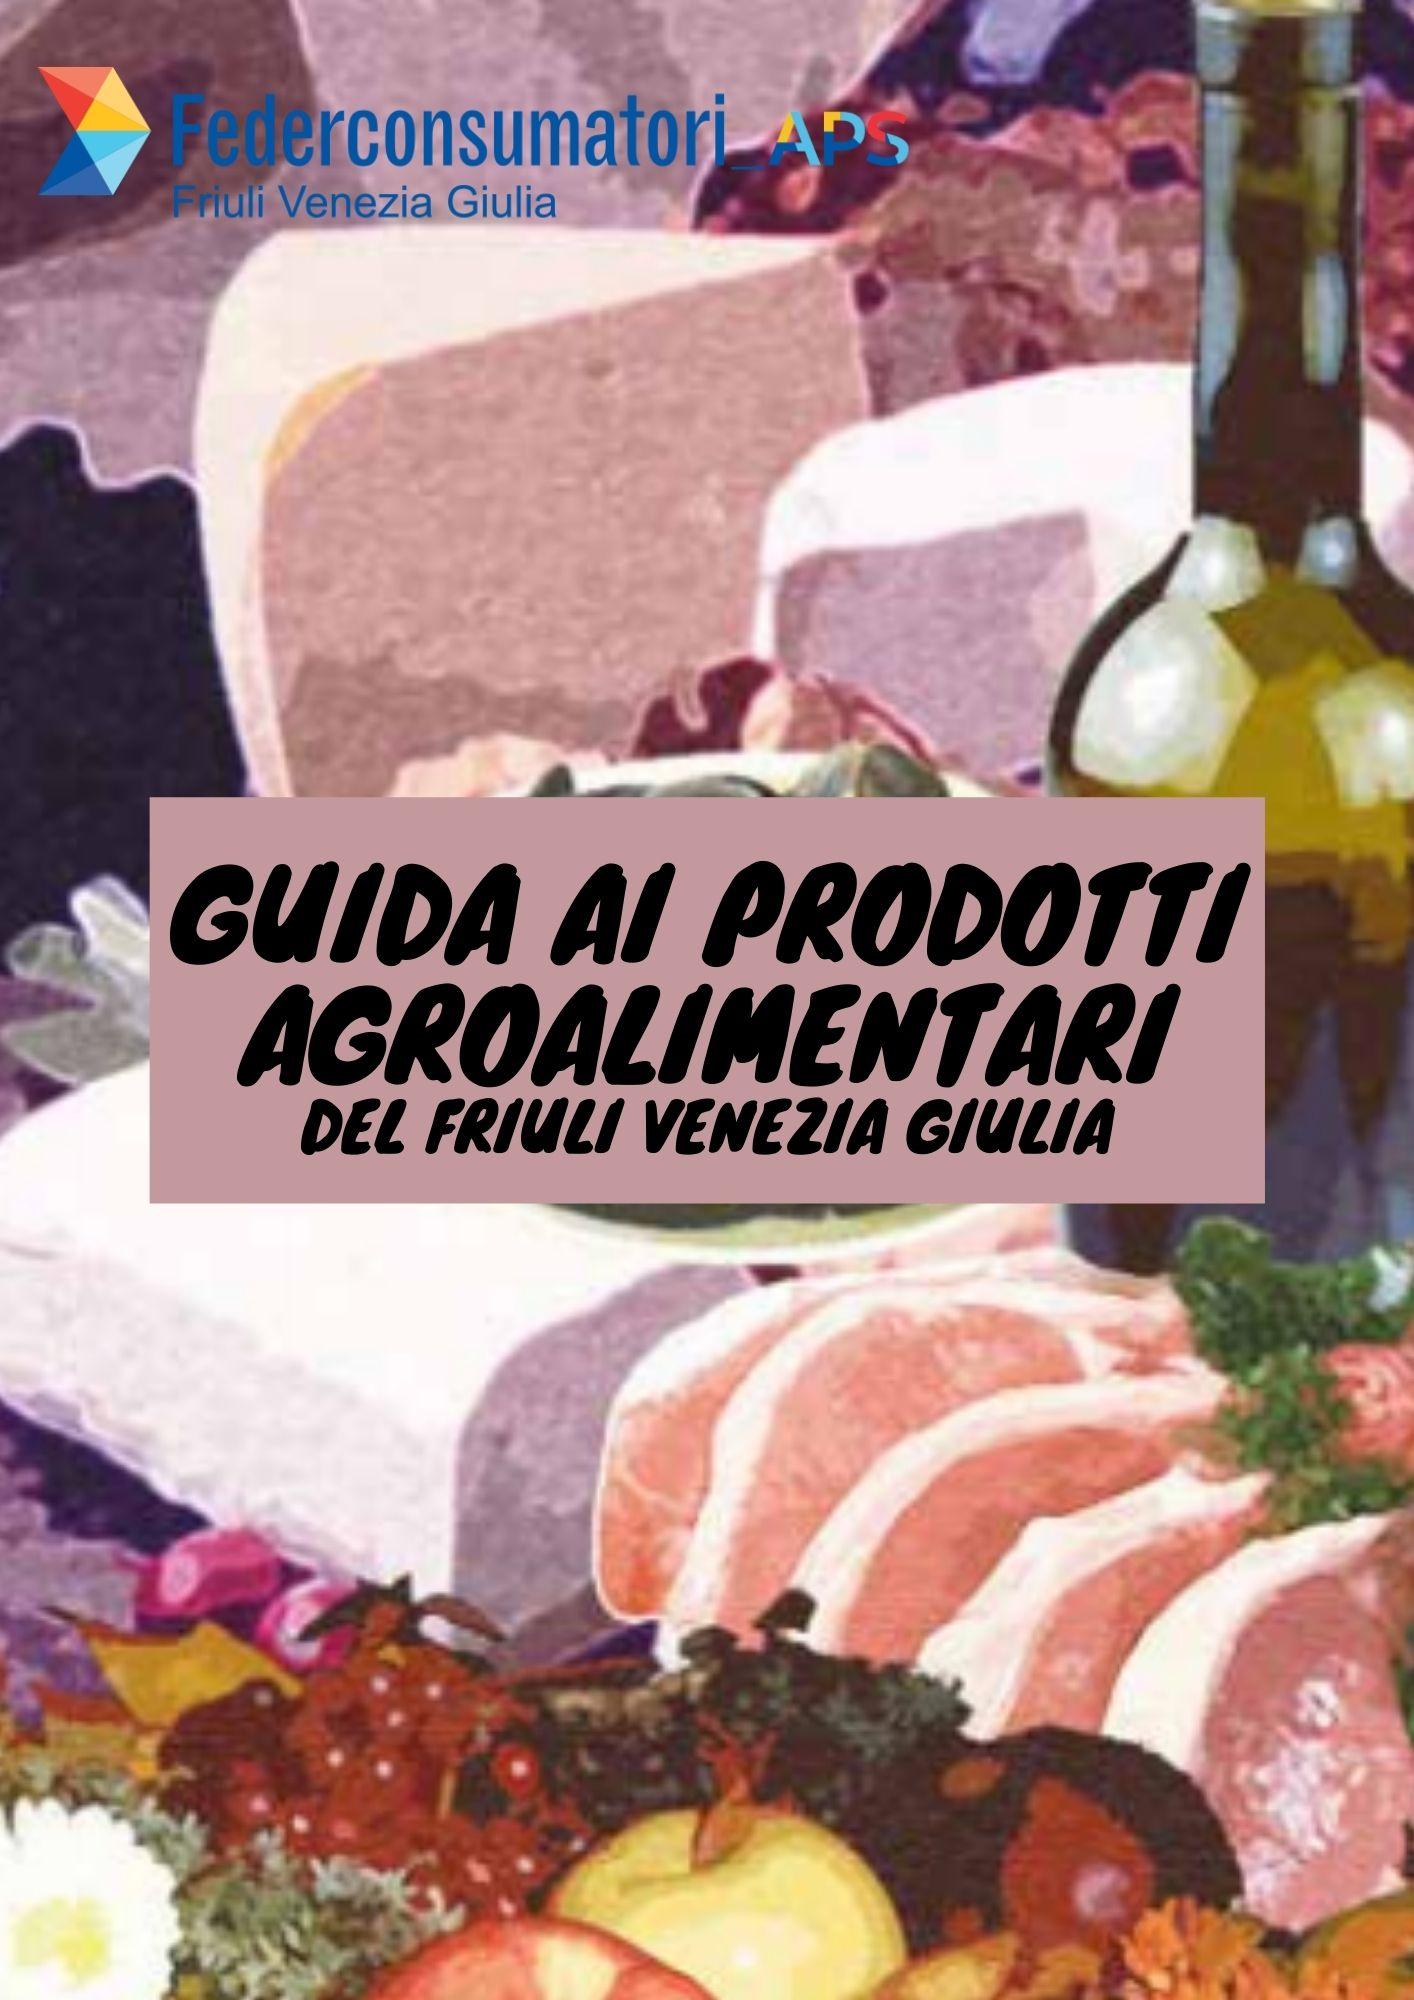 Guida a prodotti agroalimentari del Friuli Venezia Giulia